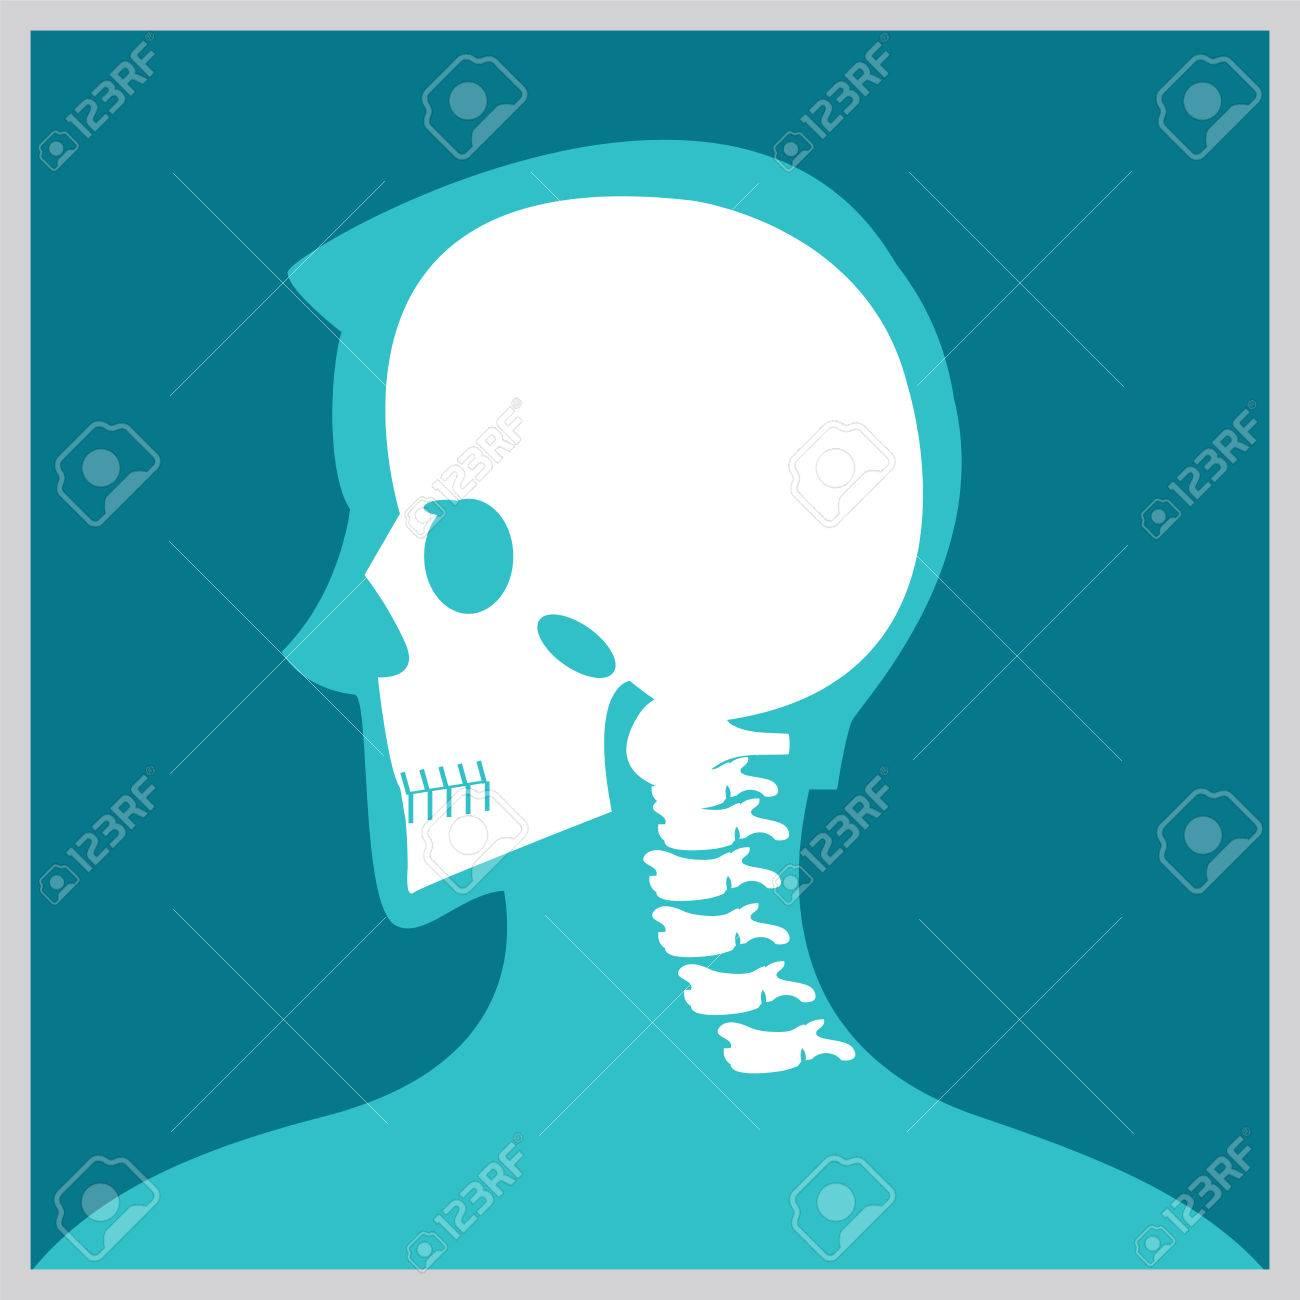 Röntgenstraal Van Hoofd En Hals De Verbindingen En De Beenderen Menselijke Verbindingen Skeletachtige Ruggegraatsbeenstructuur Van Menselijke